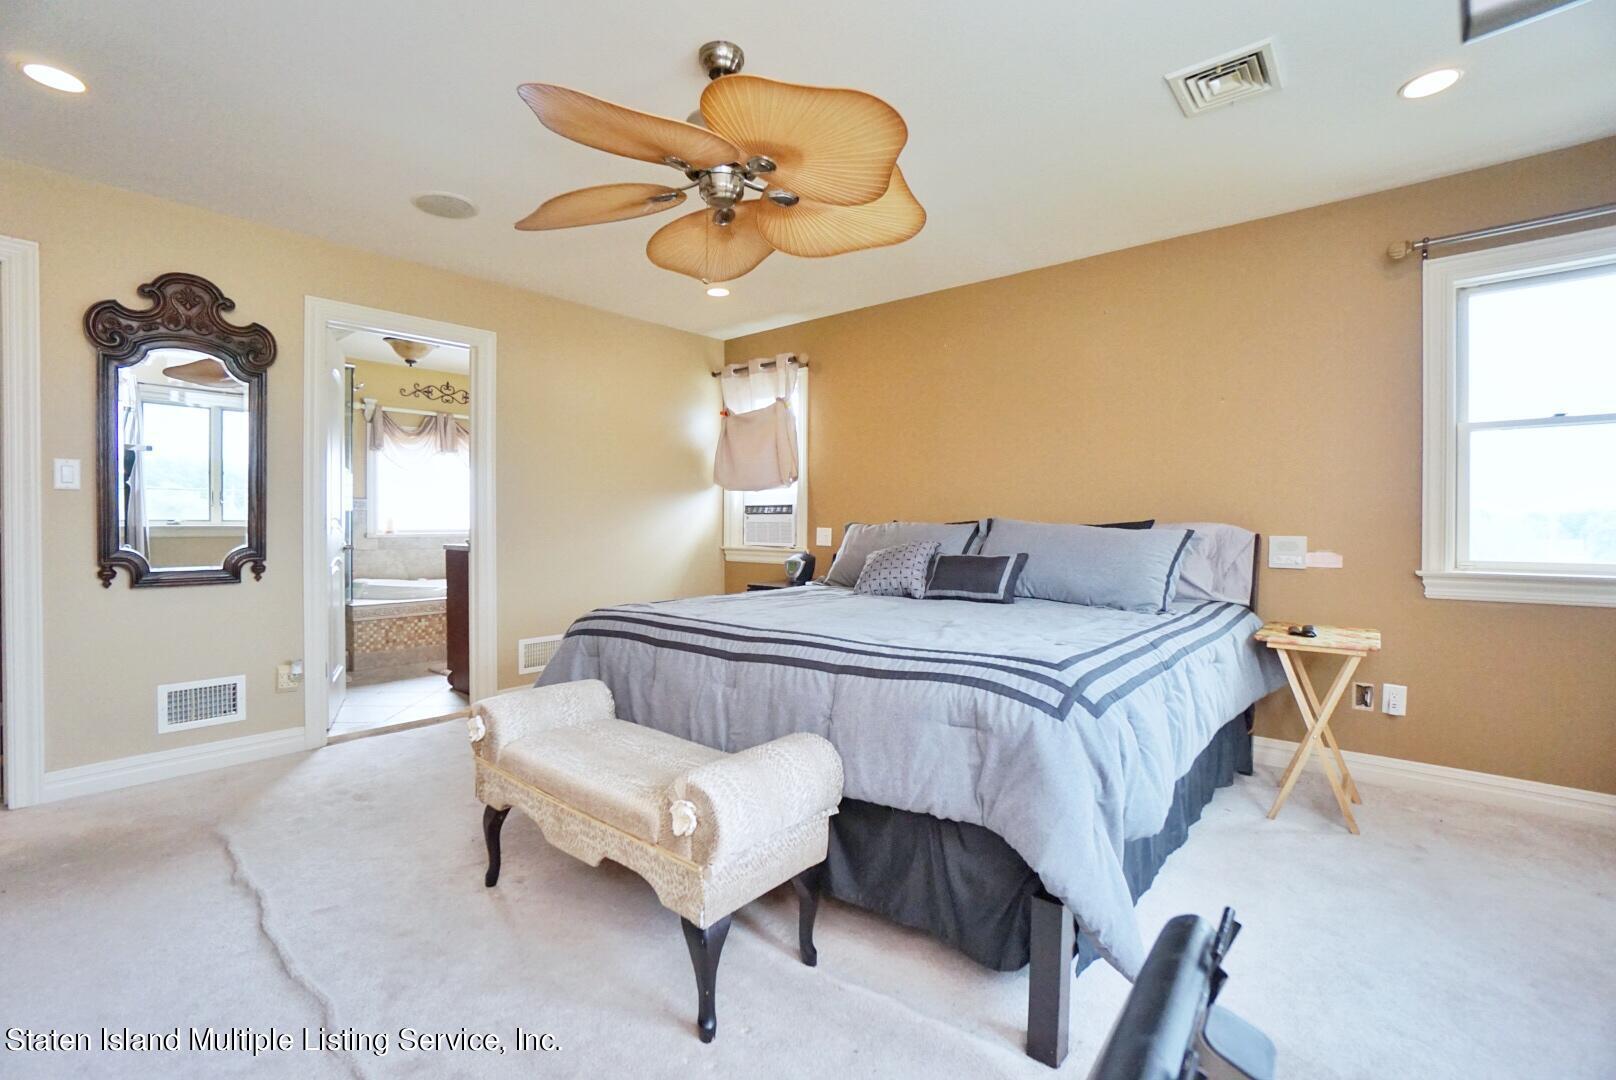 Single Family - Detached 206 Ramapo Avenue  Staten Island, NY 10309, MLS-1147193-18